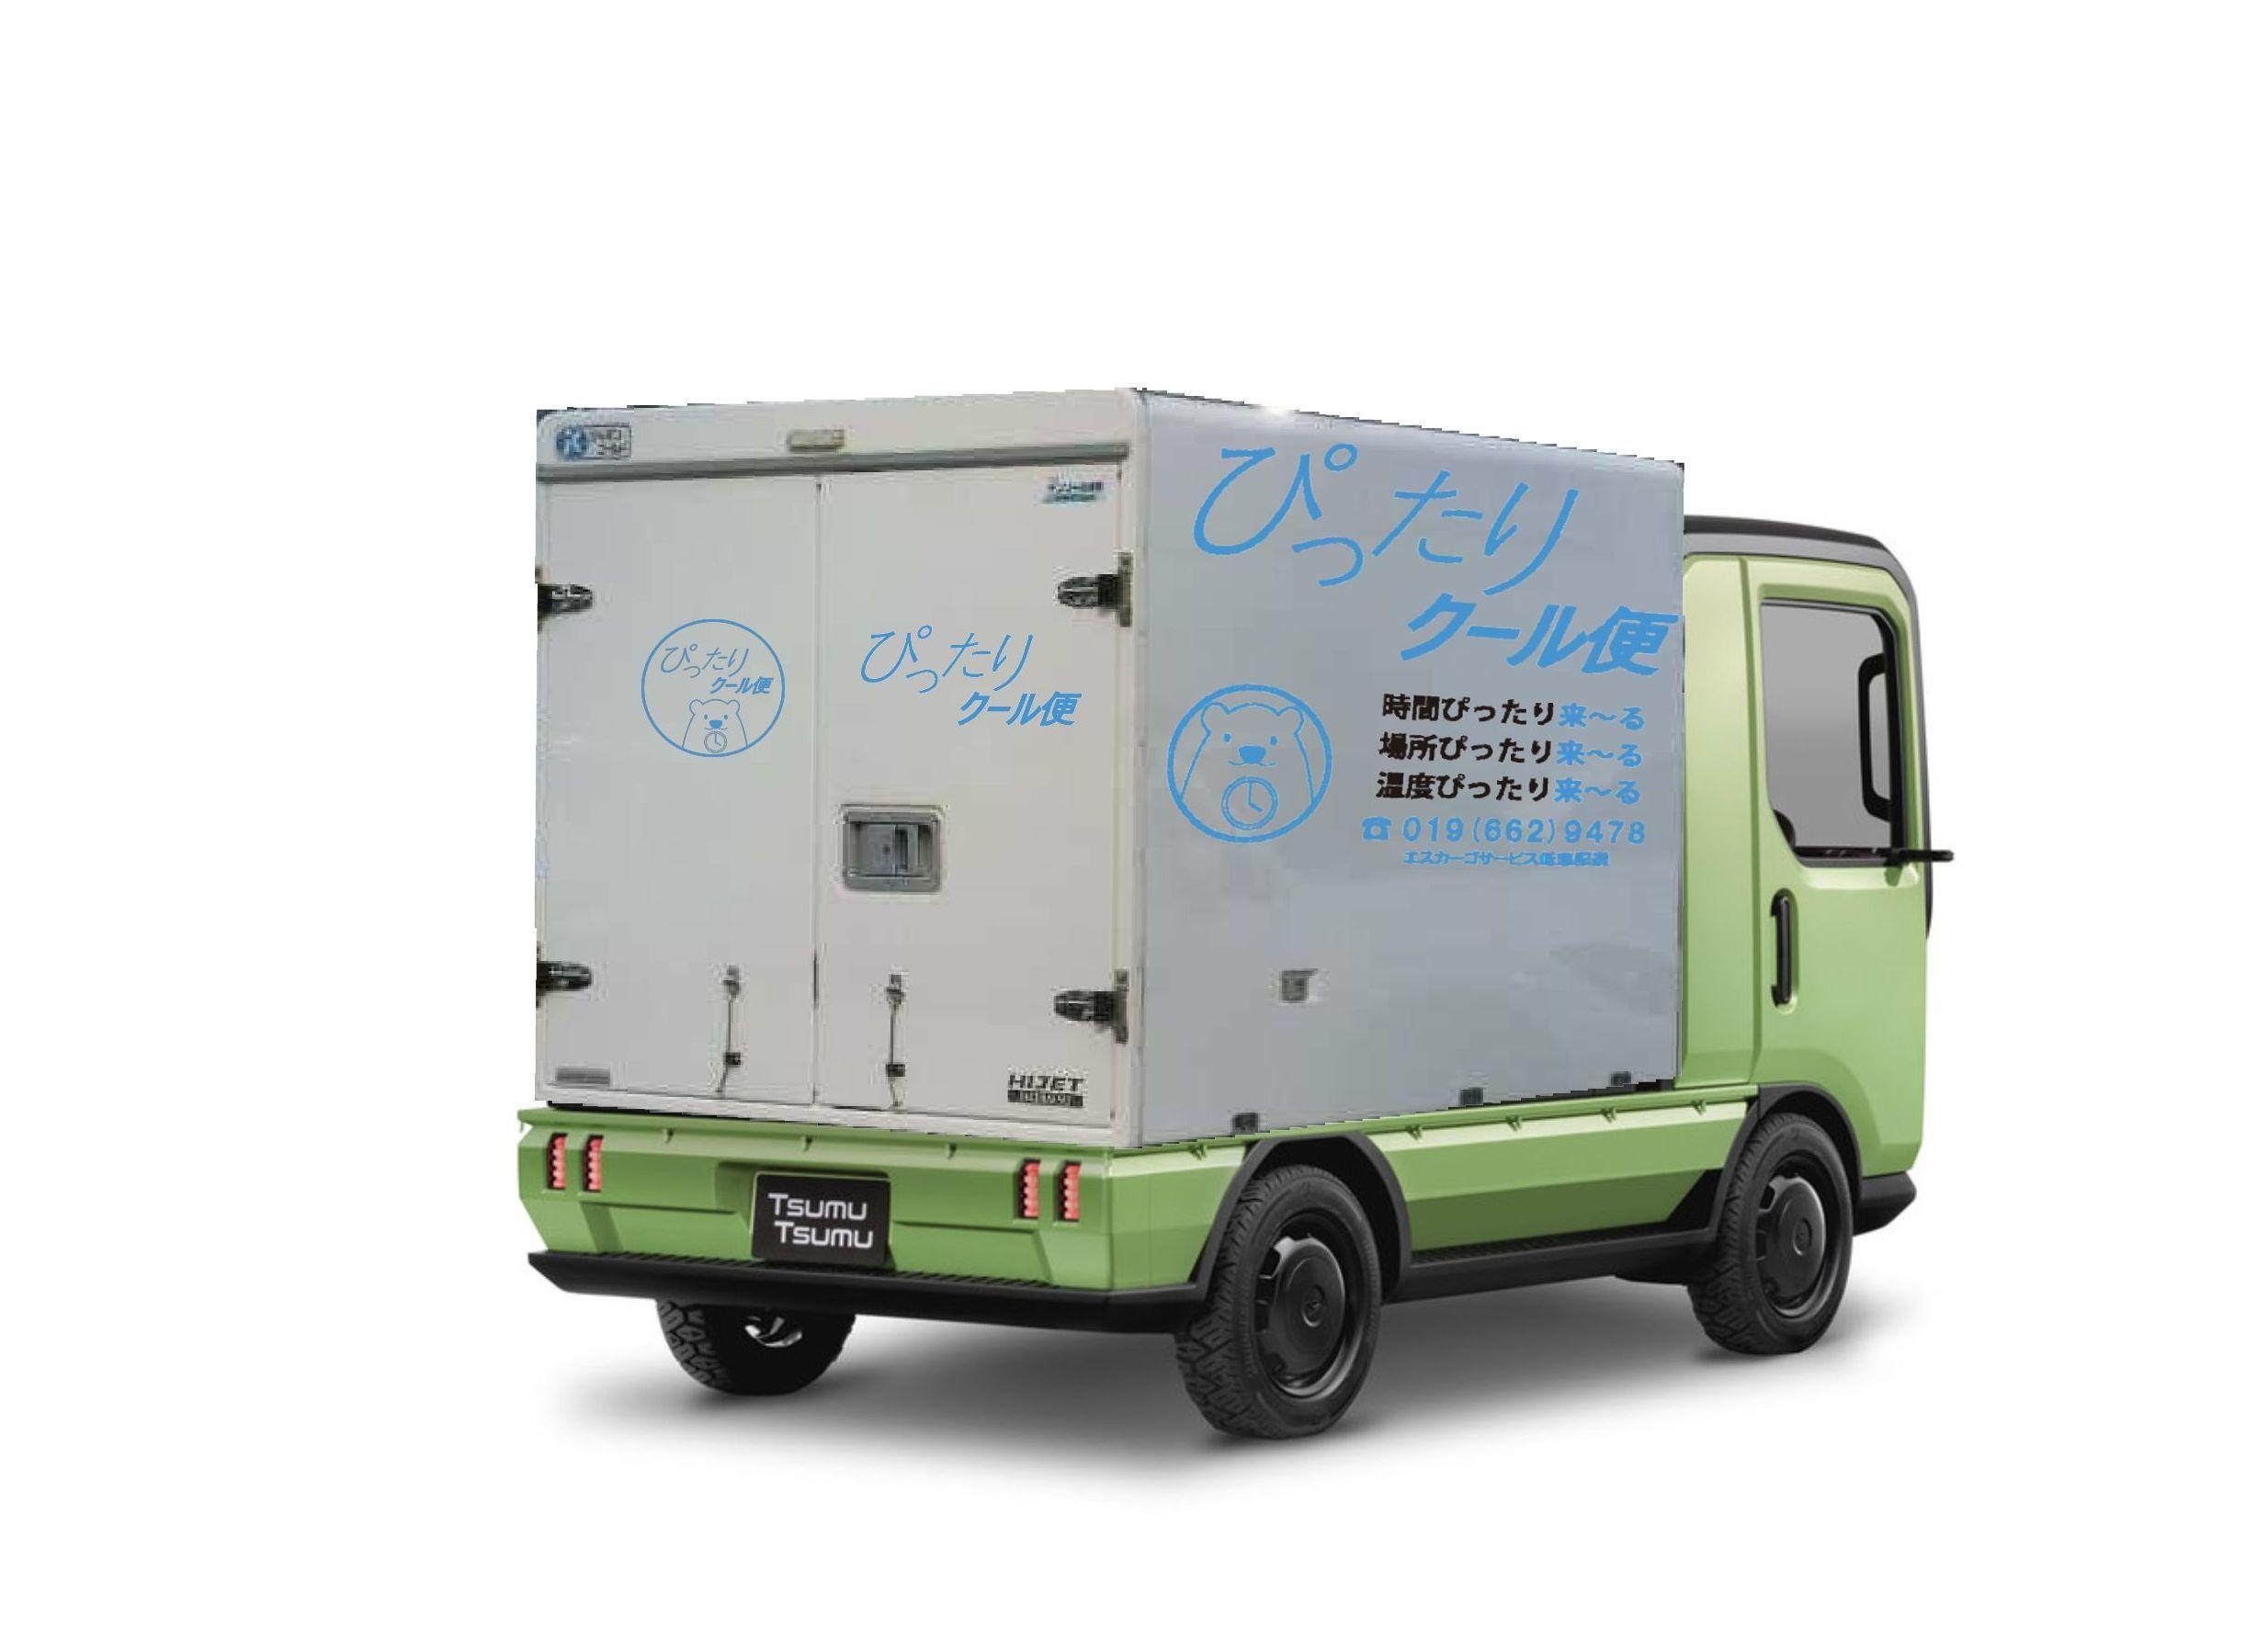 ダイハツは東京モーターショーに次世代軽トラック「Tsumu Tsumu(ツムツム)」を出展する!_f0246424_10365409.jpg